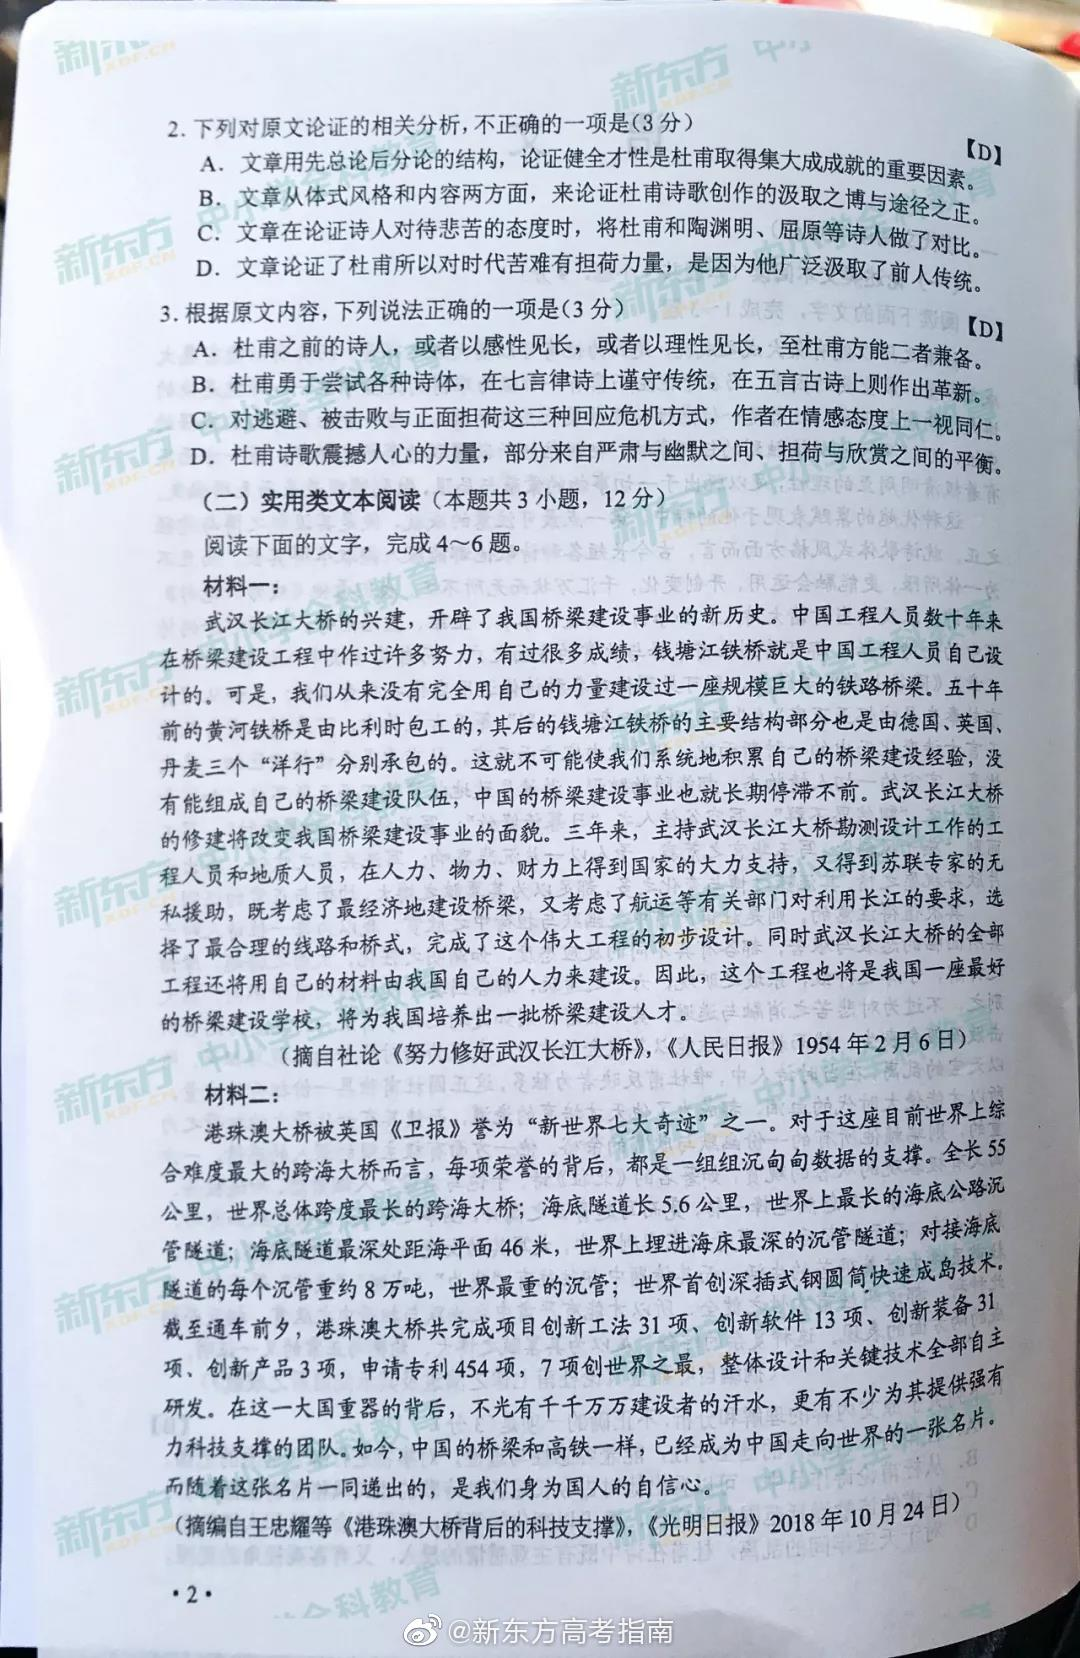 2019高考答案全部学科汇总 全国二卷语文/数学/英语/文综/理综真题答案